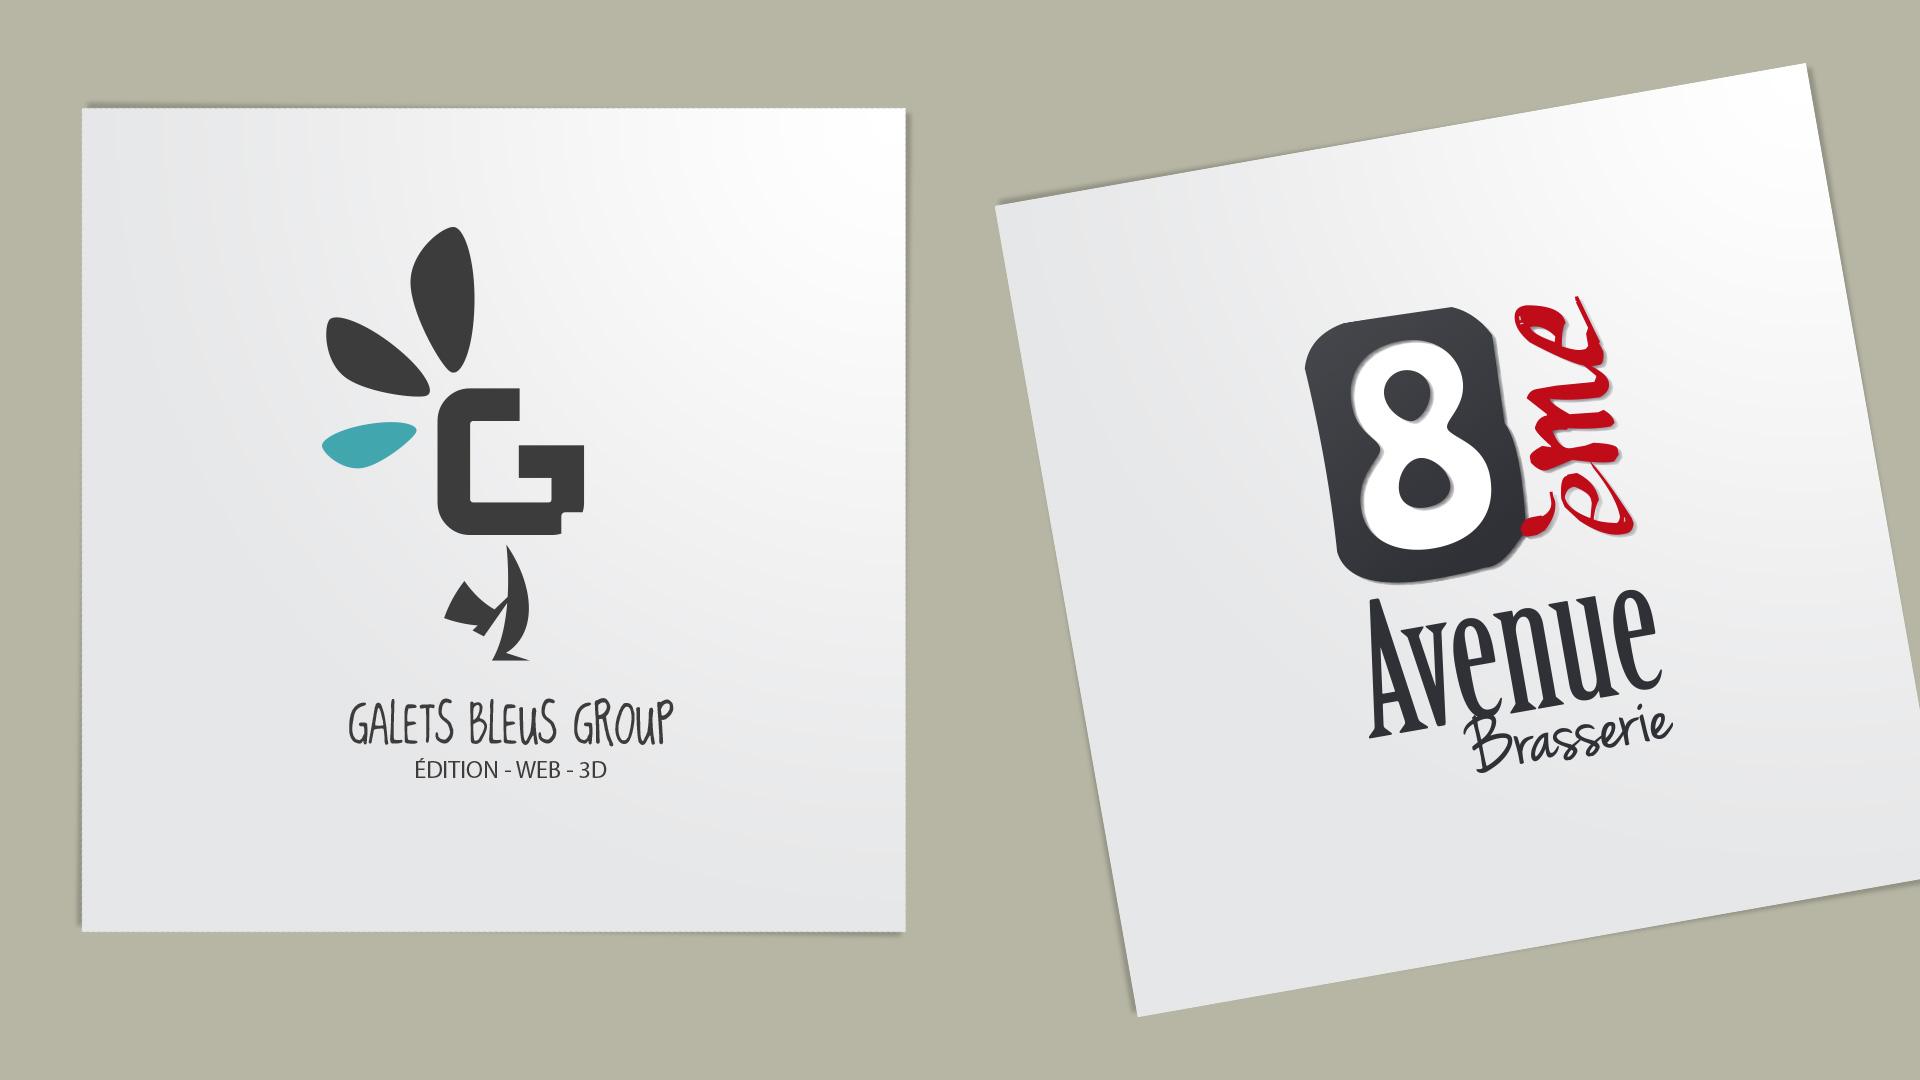 Logo : Galets Bleus Group, 8ème Avenue